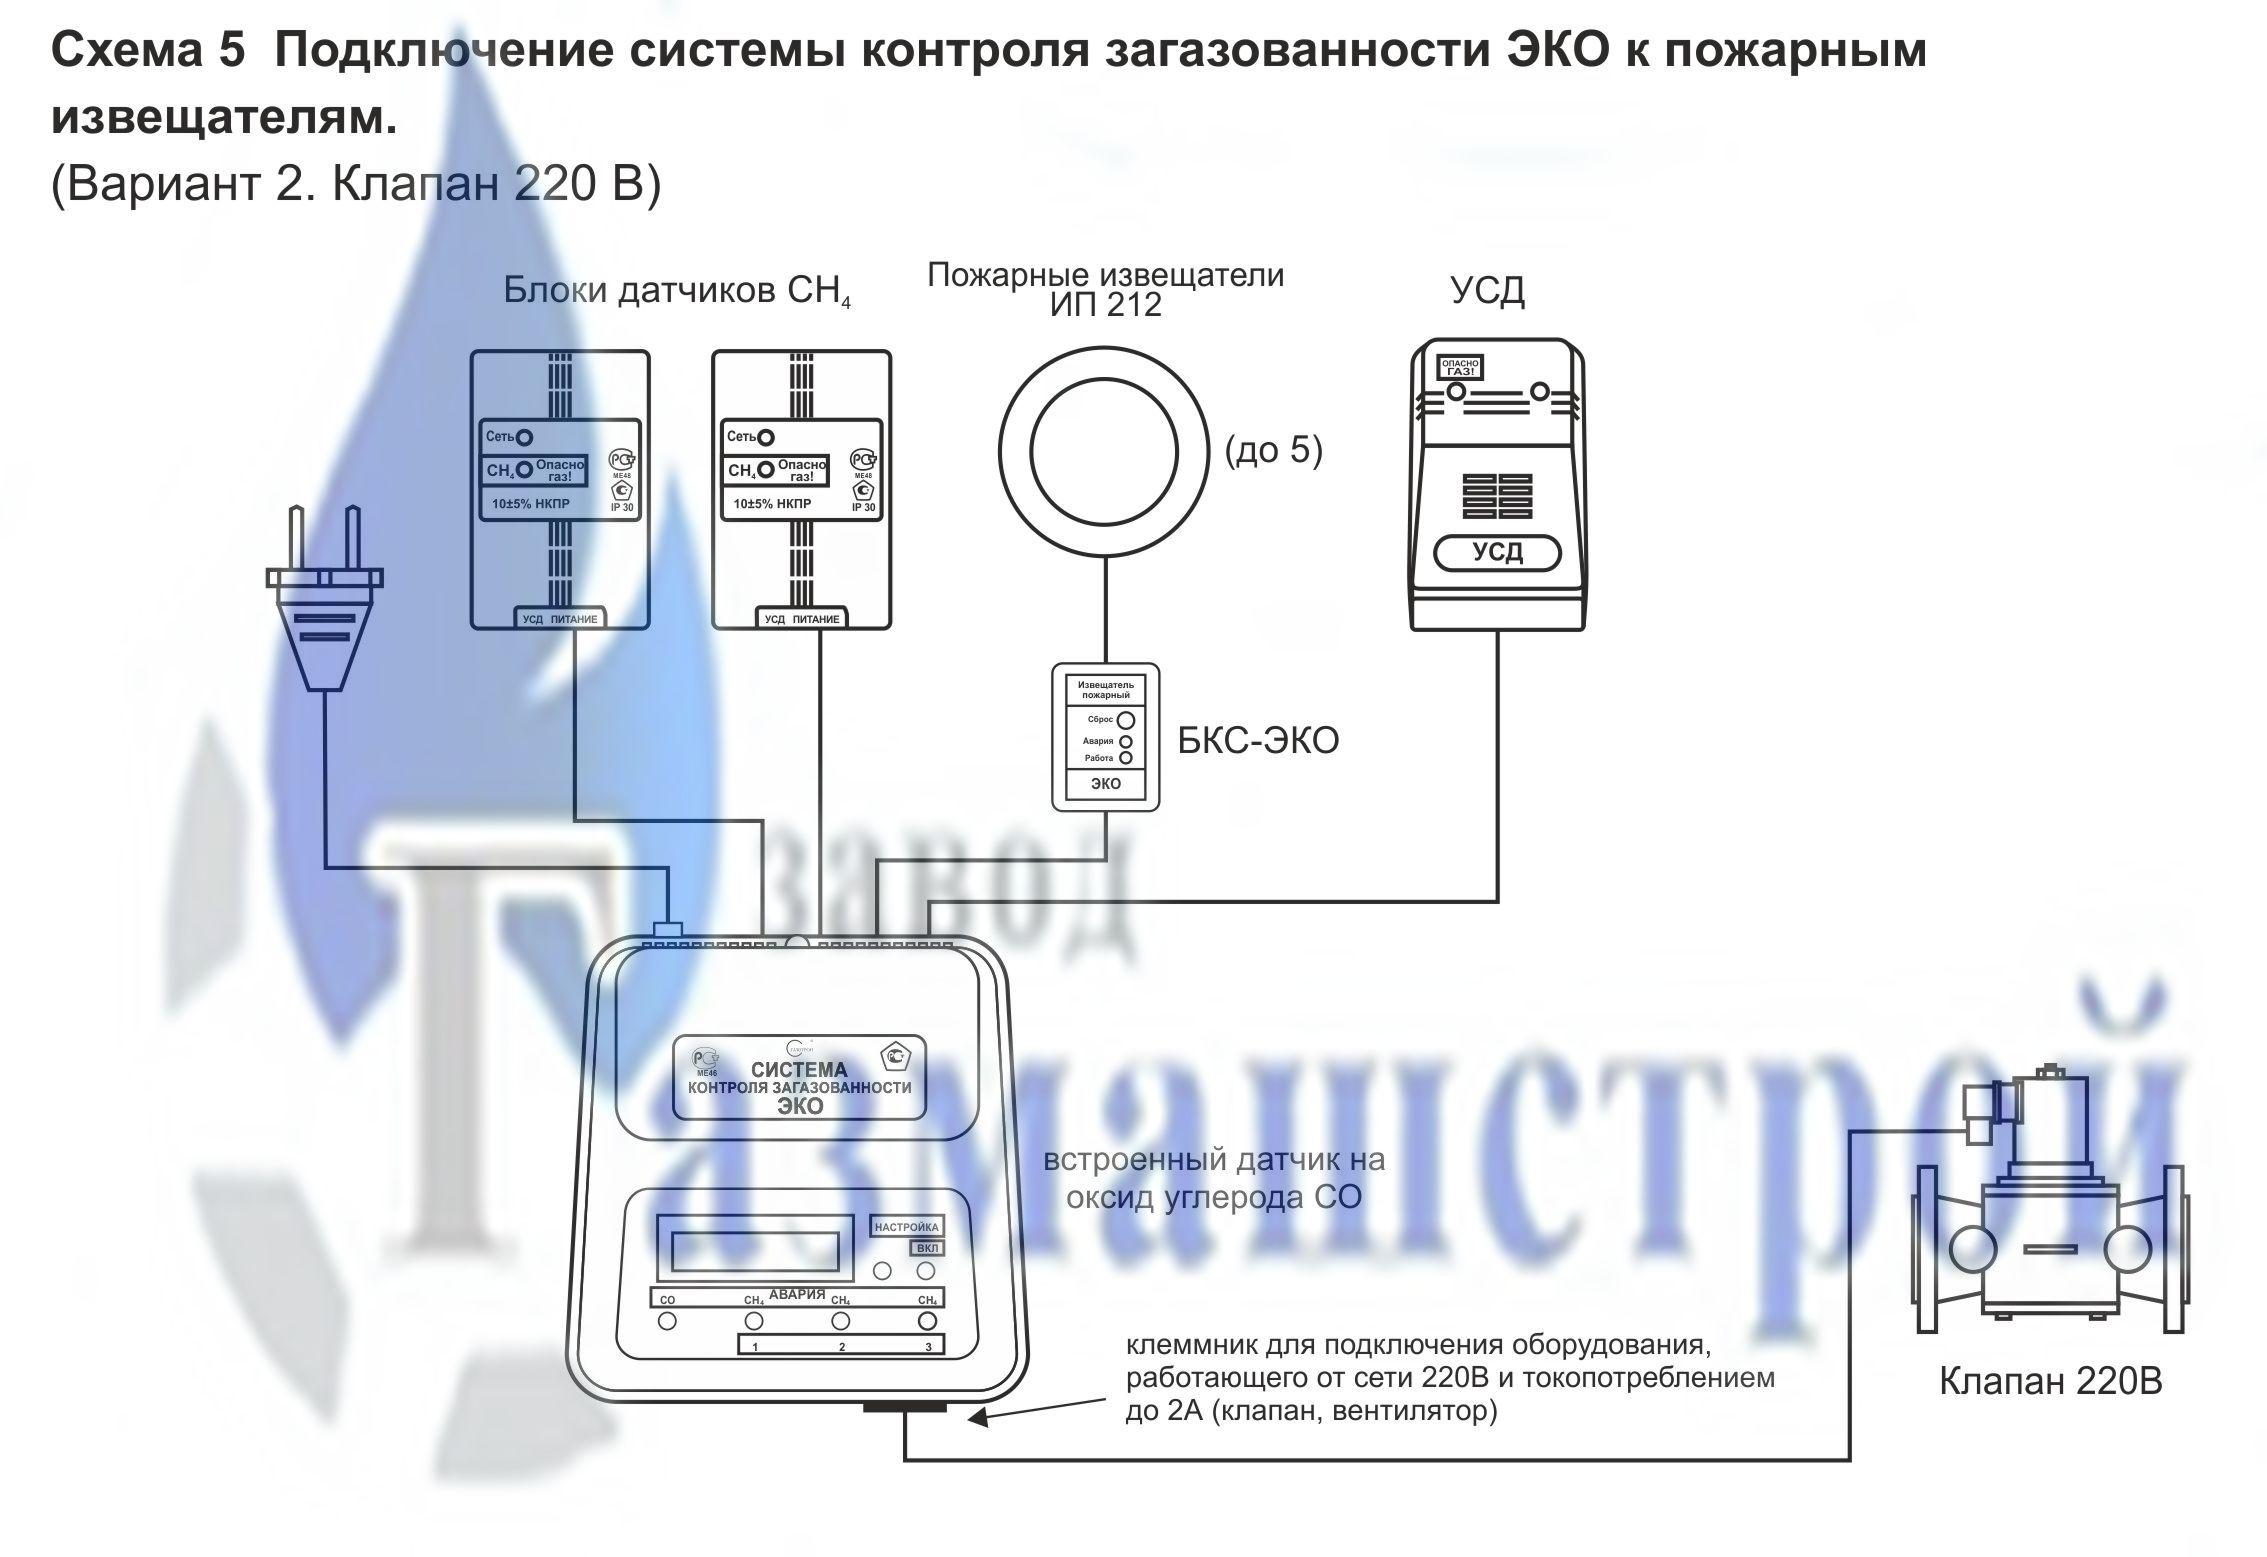 Ип212-122 схема подключения